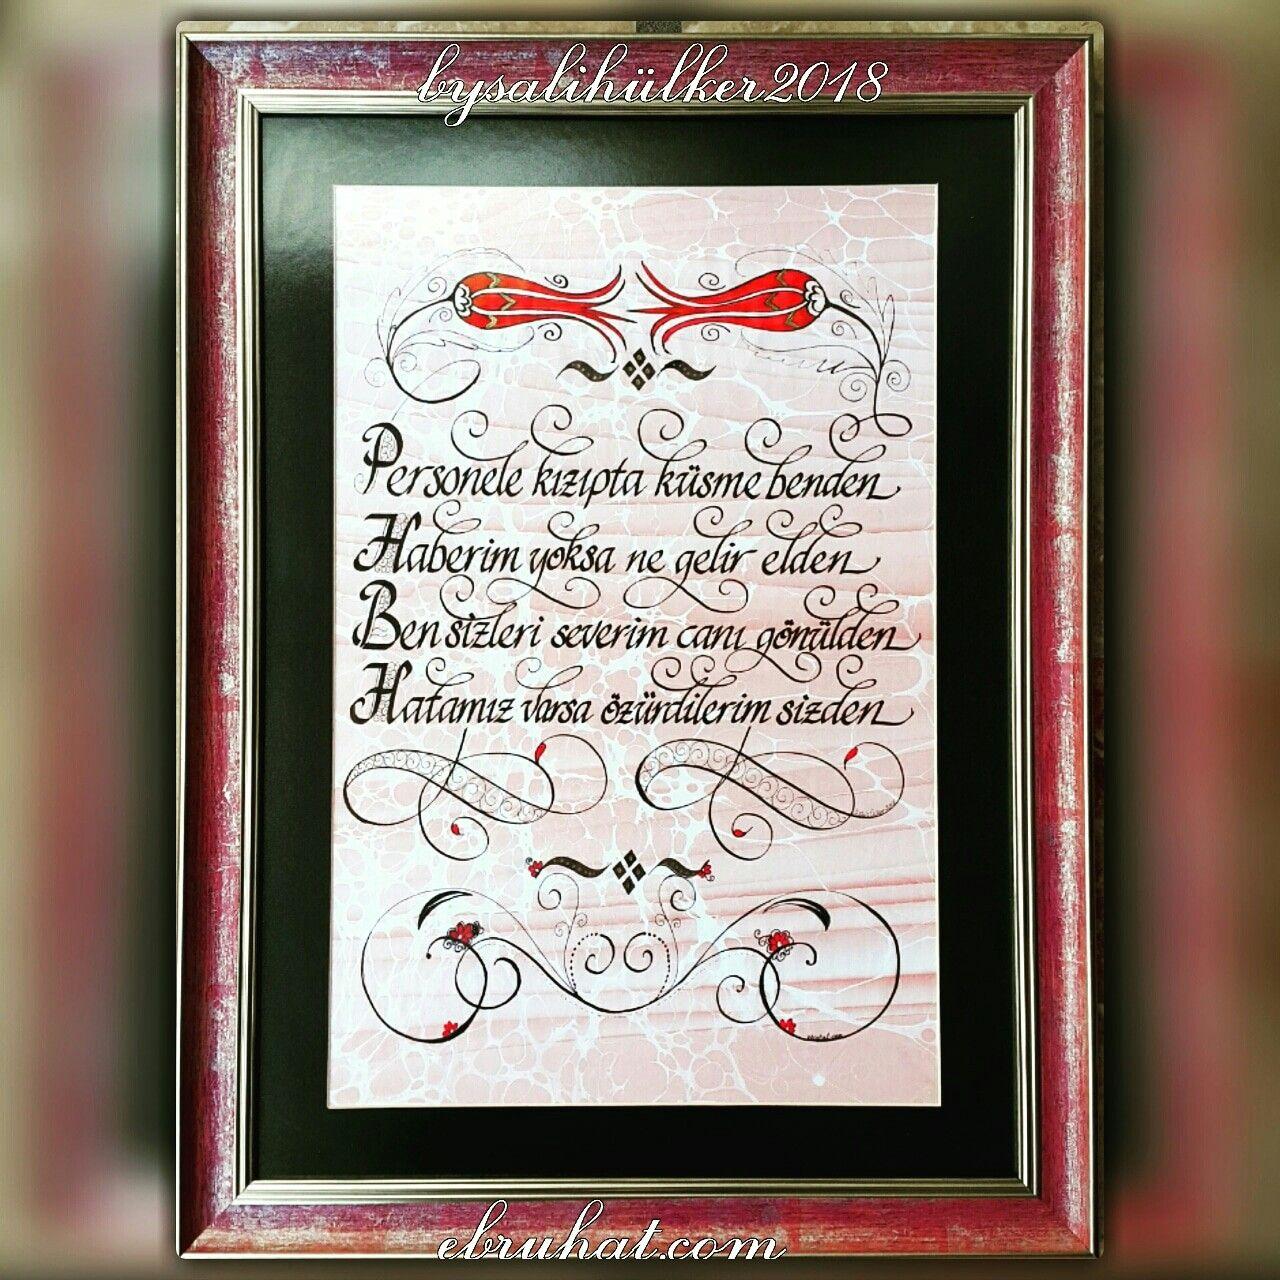 Calismalarimiz Kisiye Ozel Hazirlanabilir Ve Her Sehre Gonderilebilir Bysalihulker Calligraphy Elyazmasi Hediyelik Hediye Love Sevg Hediyeler Sanat Oya